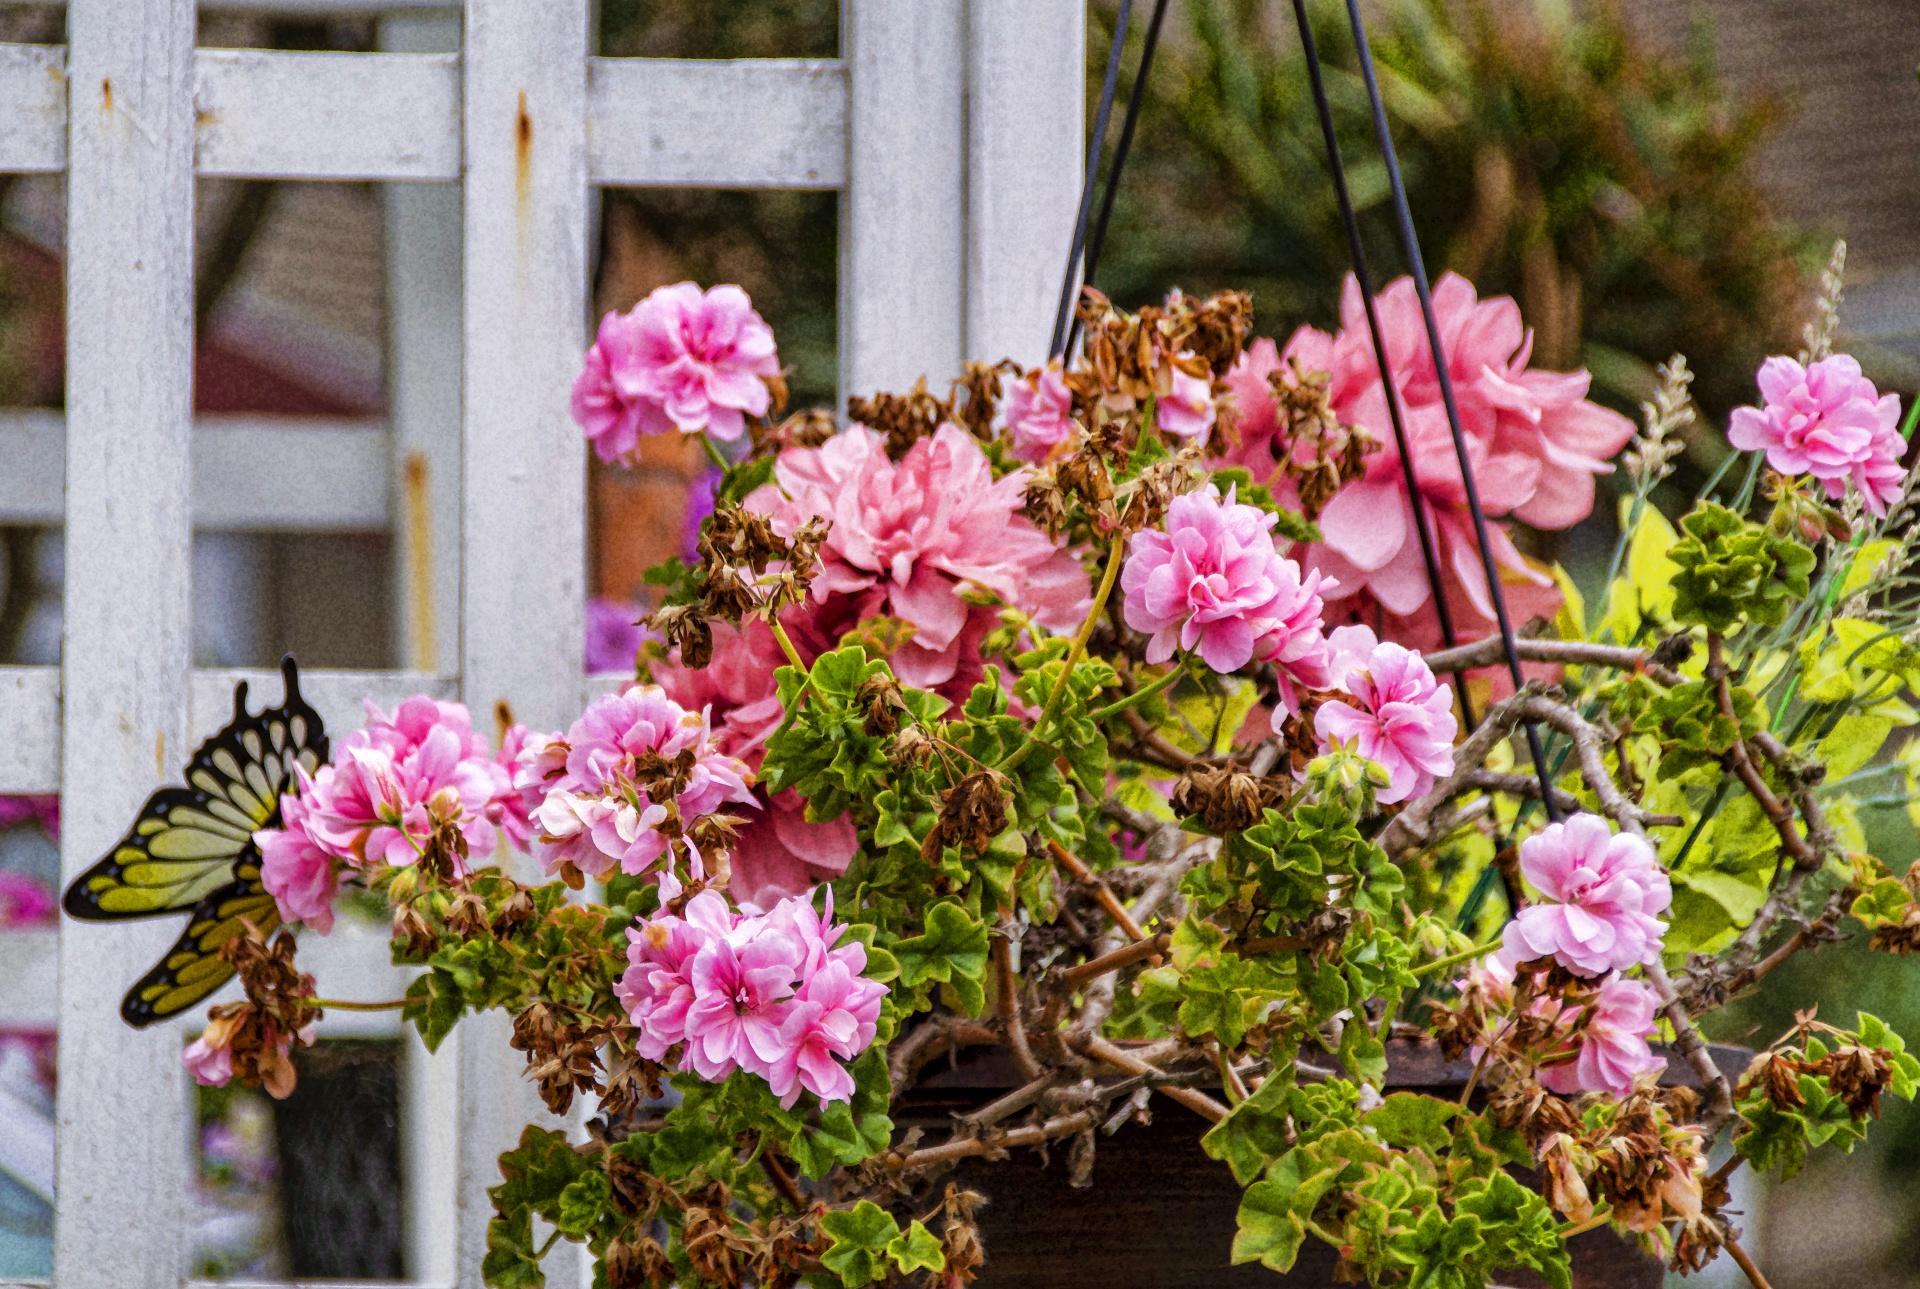 Los geranios producen flores de varios colores